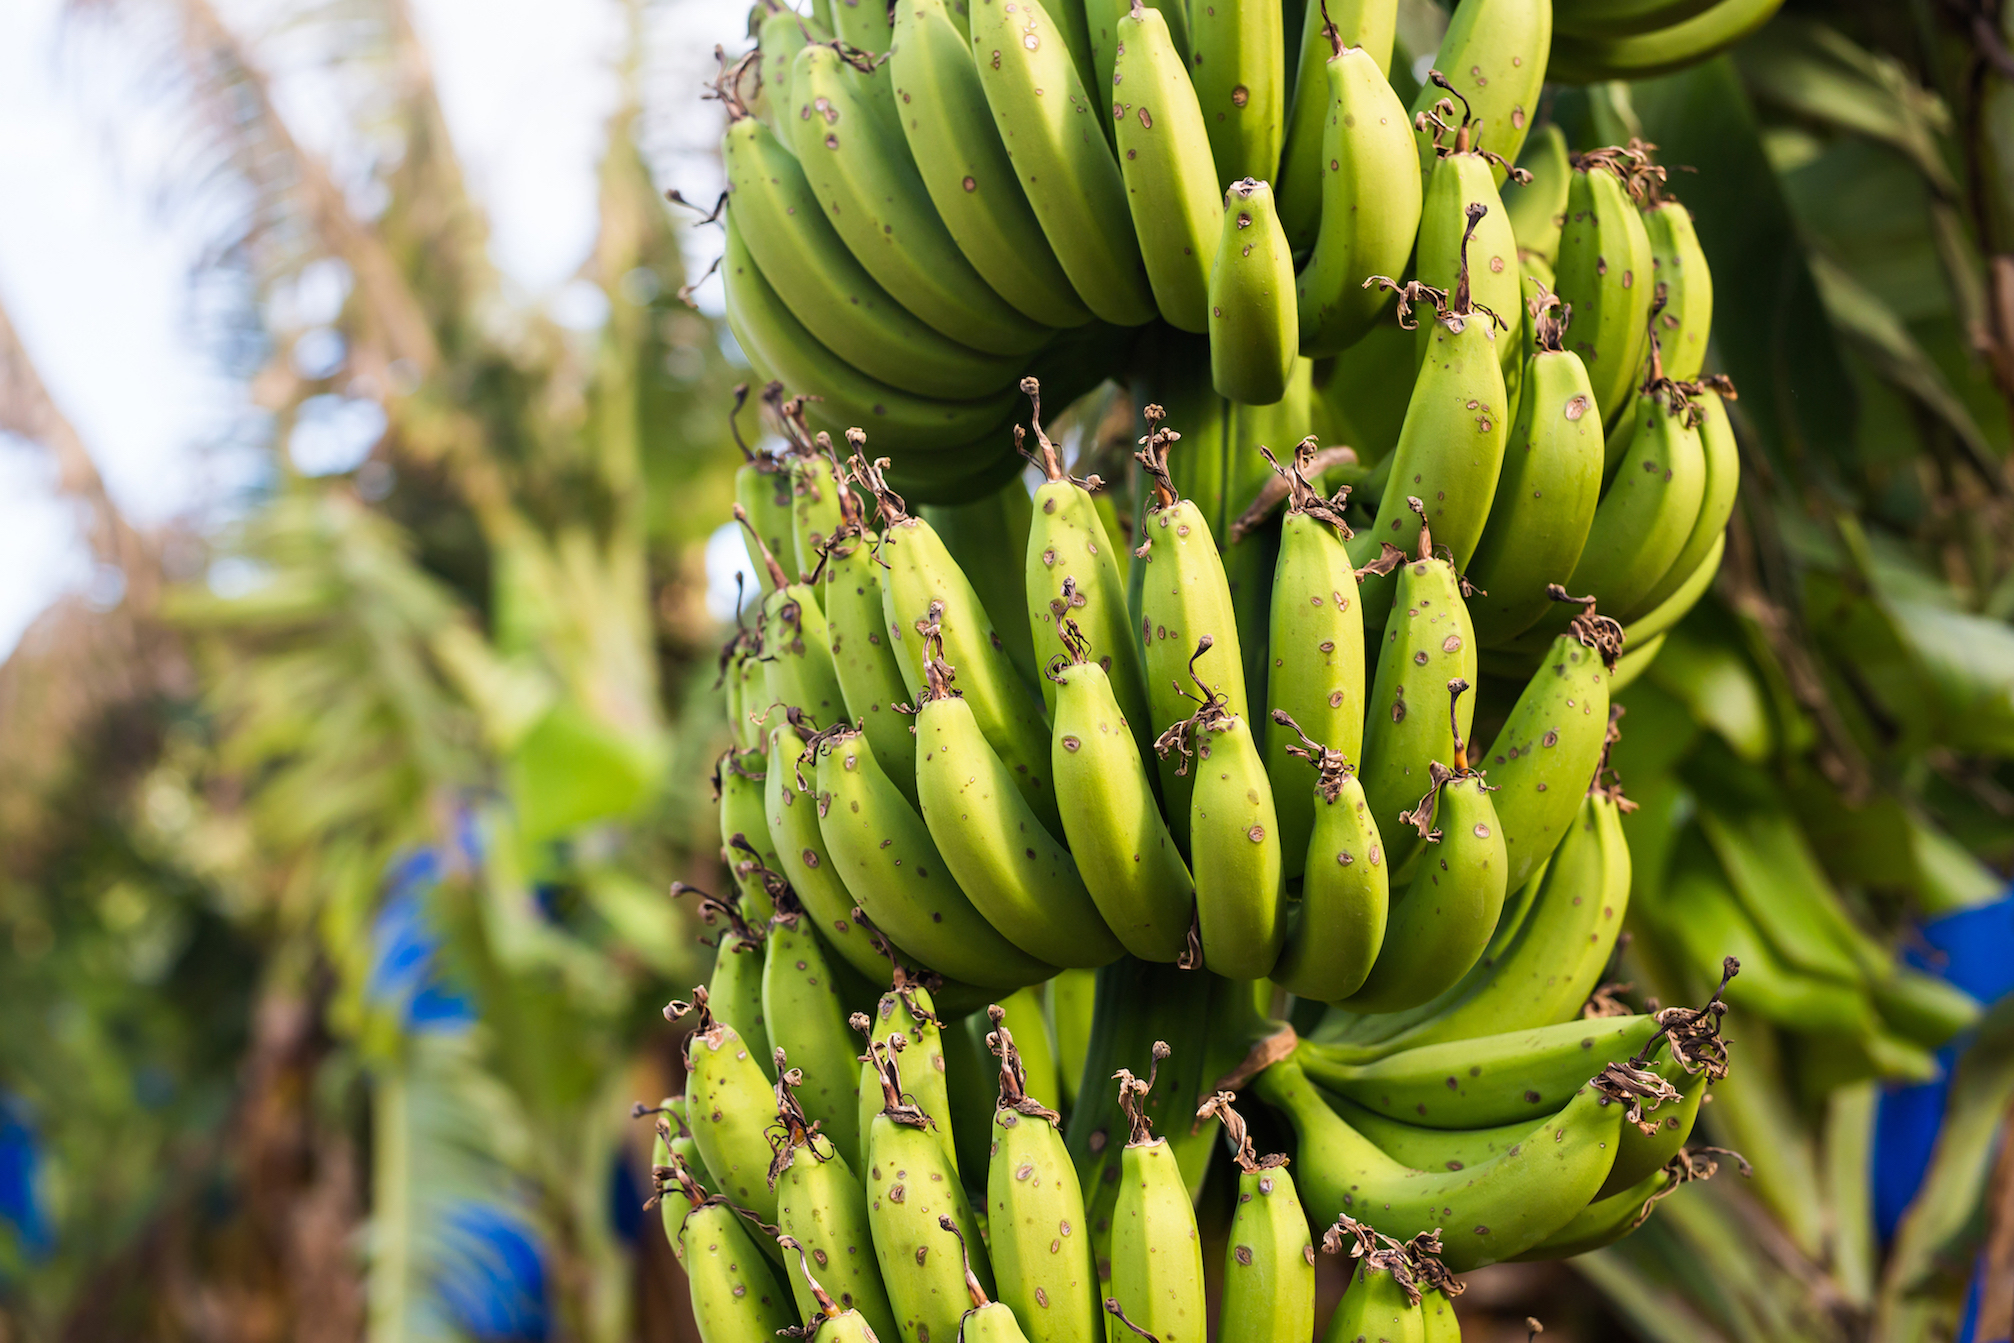 bananas-colgando-de-bananero-en-plantacion-de-bananas